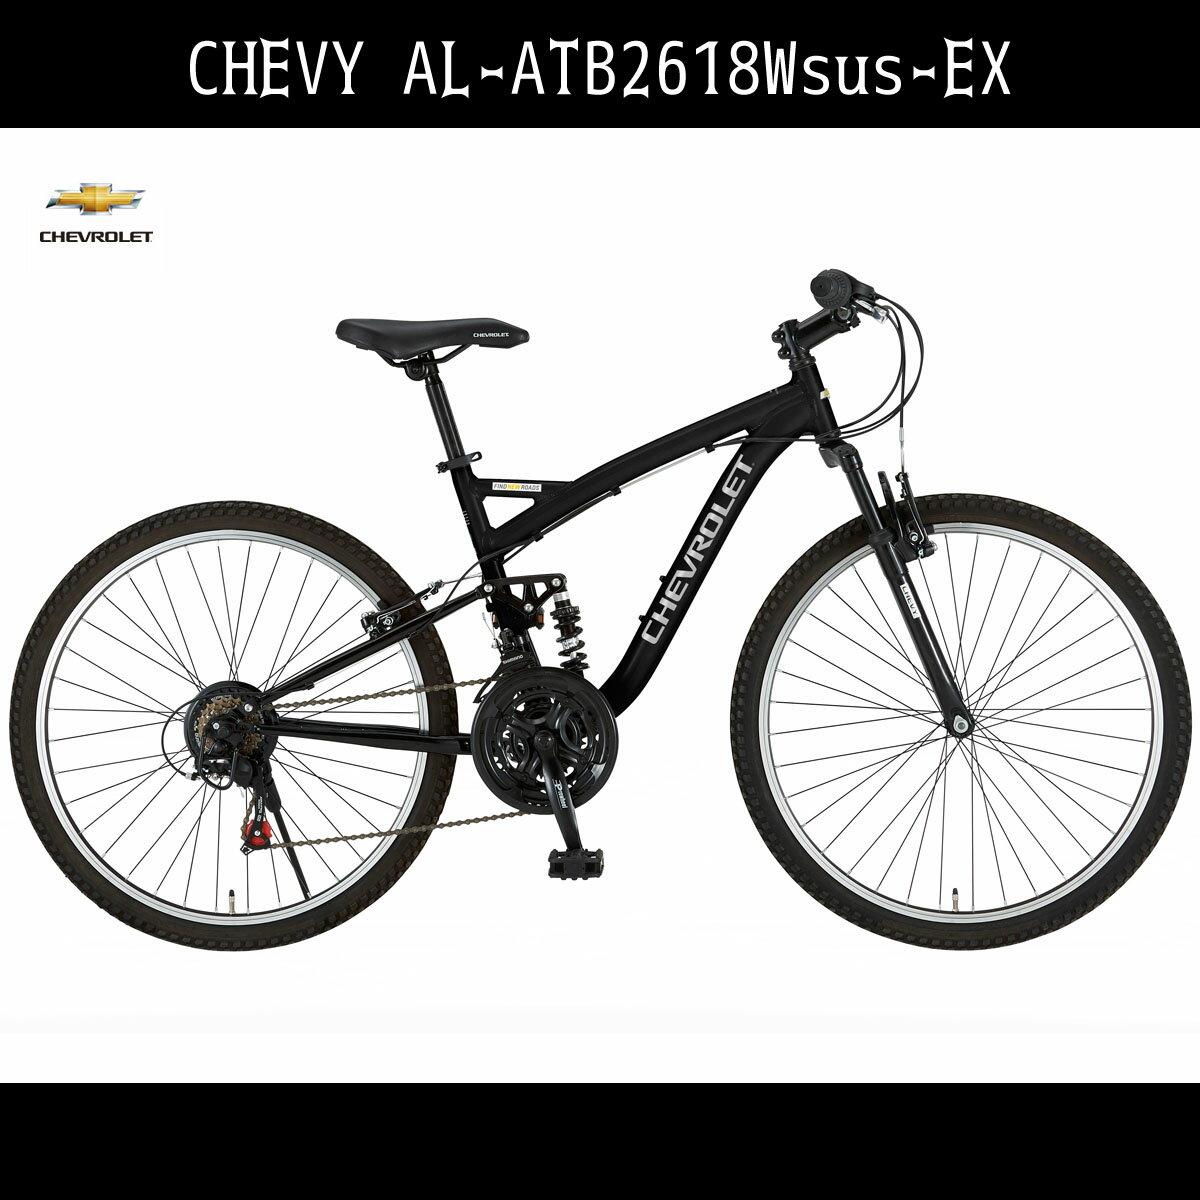 【送料無料 シボレー マウンテンバイク 自転車】 ブラック/黒色【26インチ 外装18段変速ギア アルミ】CHEVROLET CHEVY(シェビー)自転車 シボレー AL-ATB2618EX アルミニウム おしゃれ